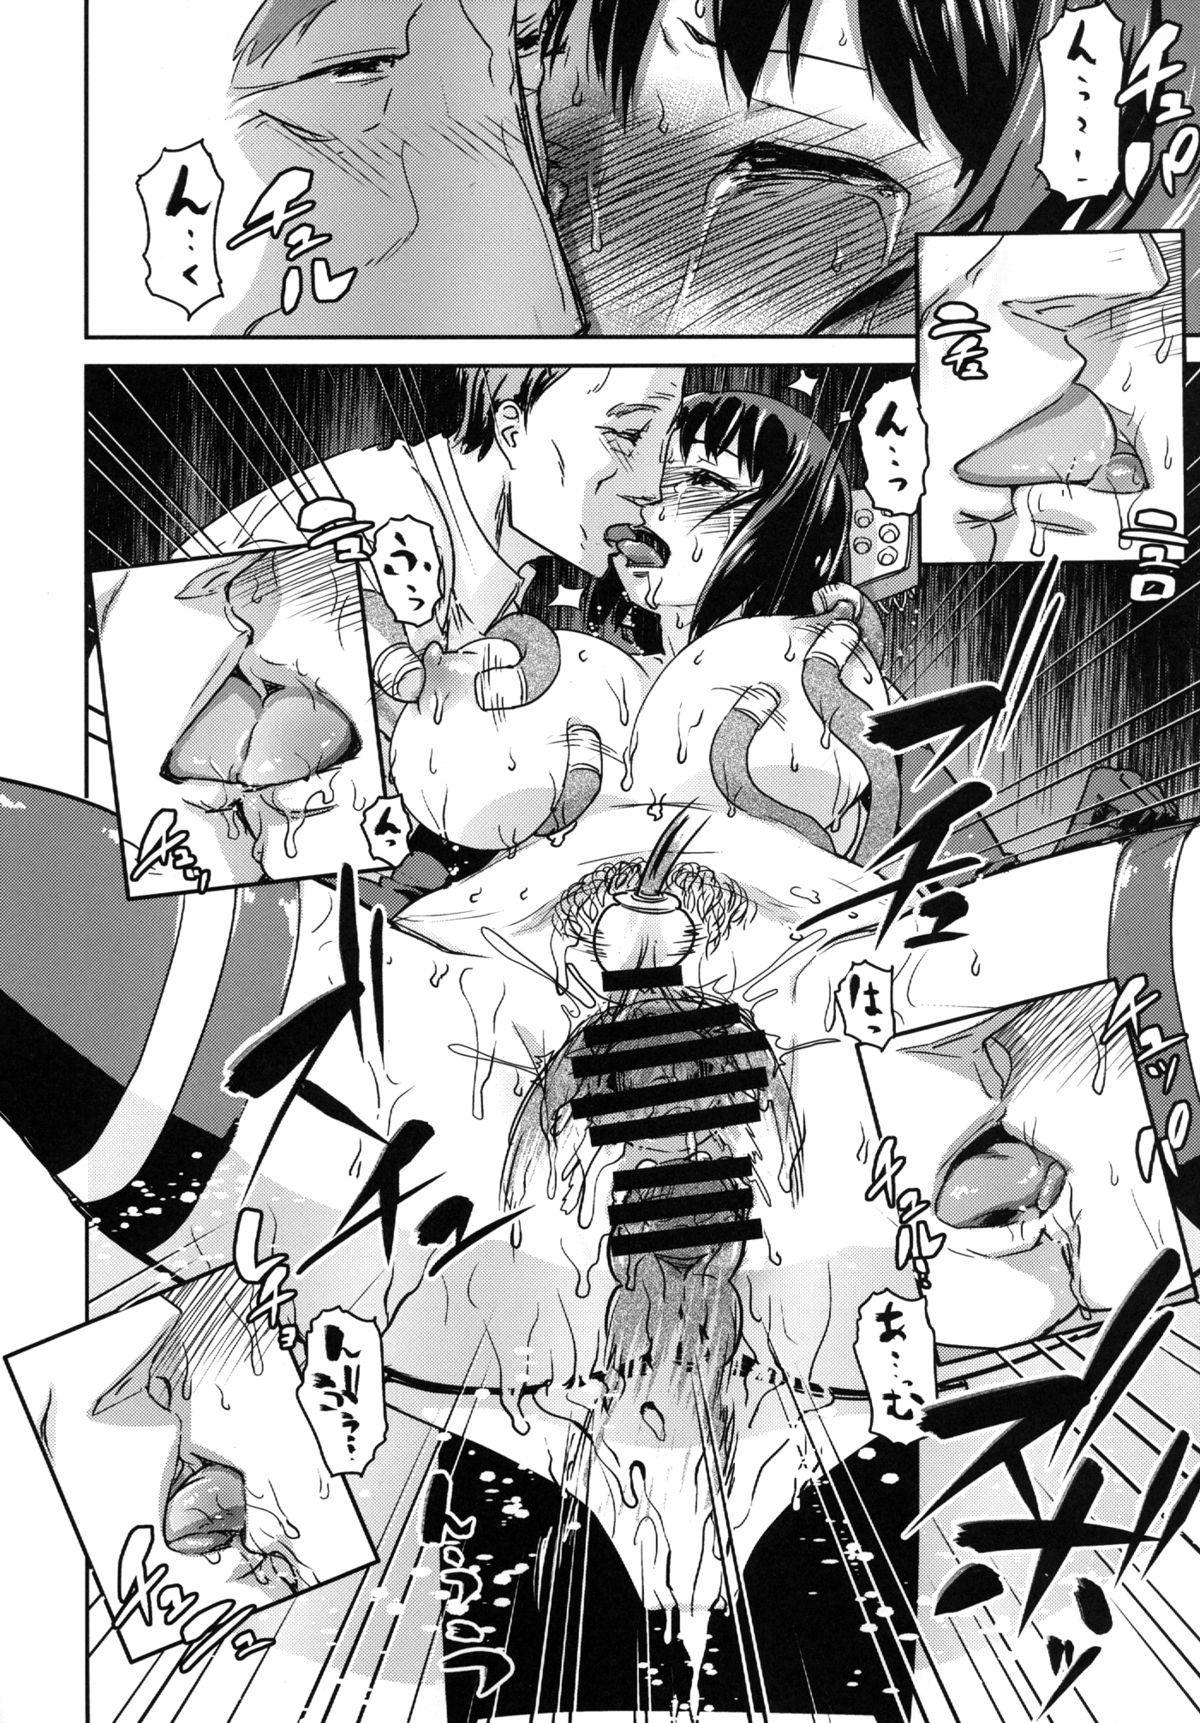 Hitozuma Kari - Kousoku Zecchou Sundome Game Nanbyou no Wagako no Chiryouhi no Tame Sono Mi wo Sashidasu Tsuma 40